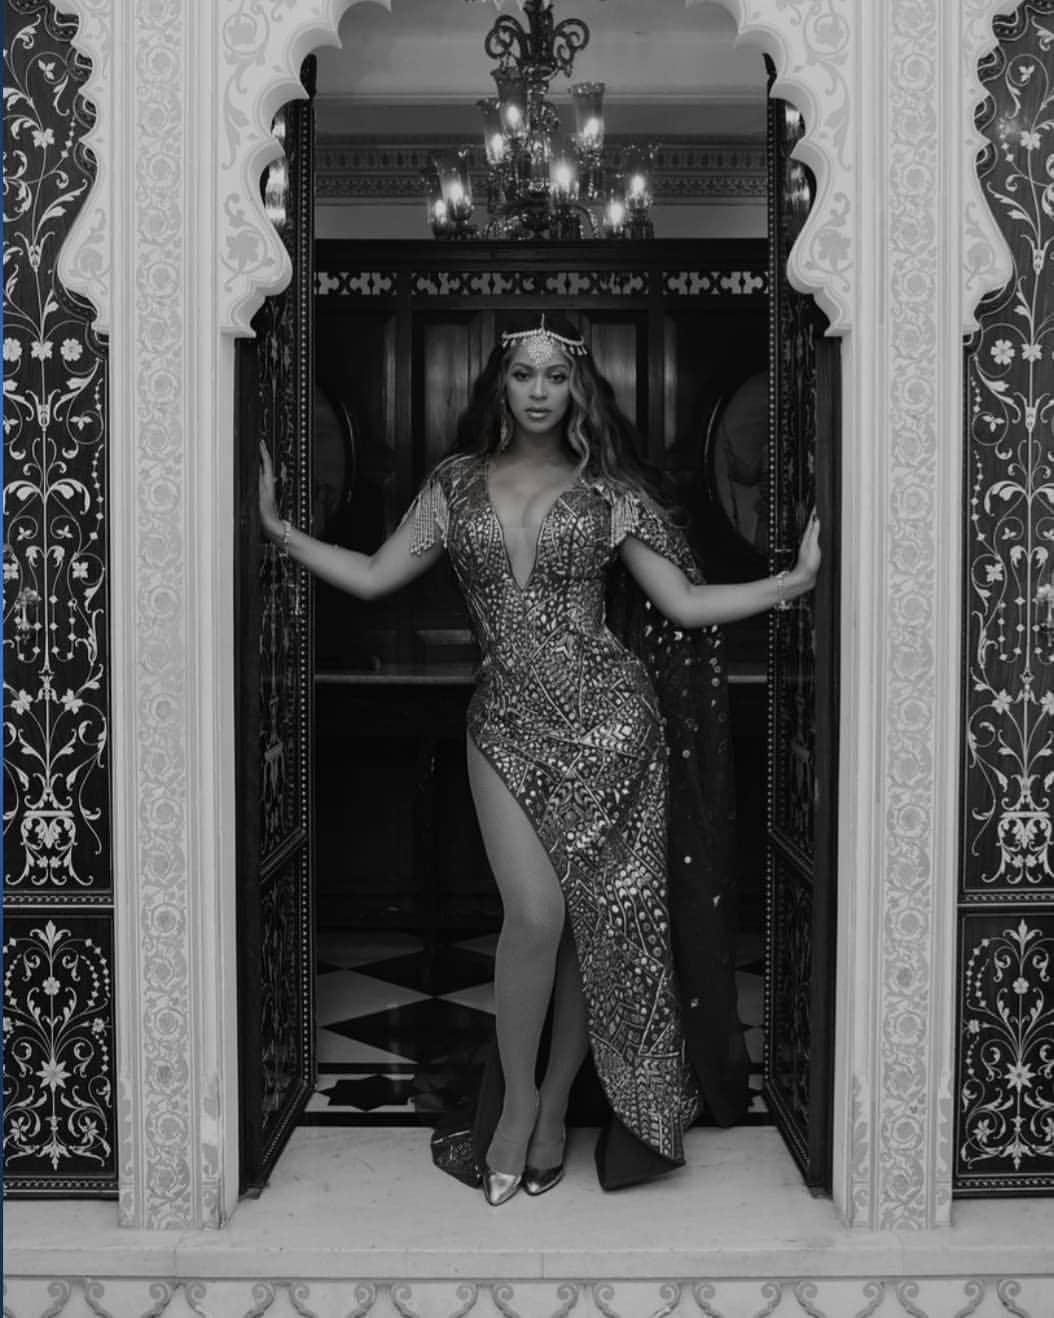 या परफॉरमन्सनंतर बियॉन्सेनं तिचे फोटो इन्स्टाग्रामवर शेअर केले आहेत. याशिवाय तिने कार्यक्रमात झालेल्या परफॉरमन्सची छोटीशी झलक एका क्लिपद्वारे शेअर केली आहे.